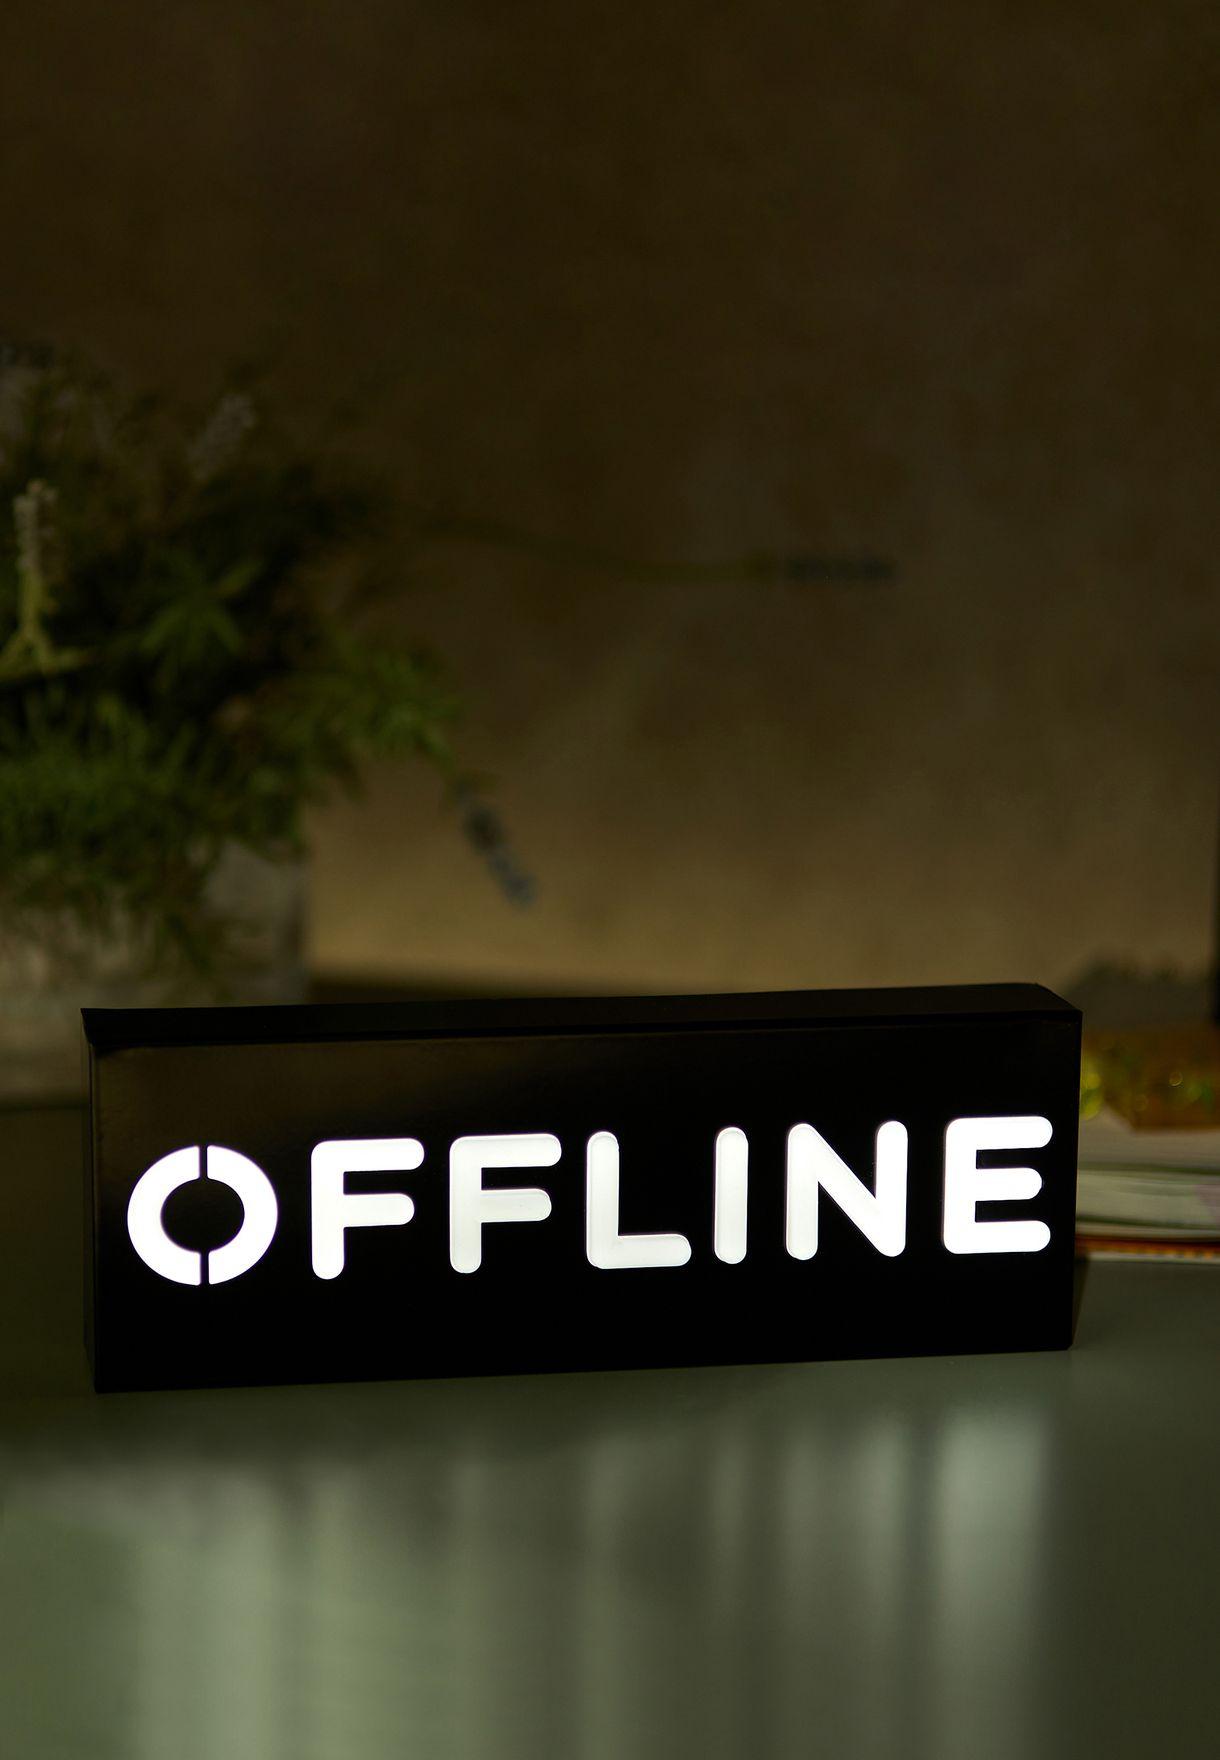 Offline Block Marquee Light